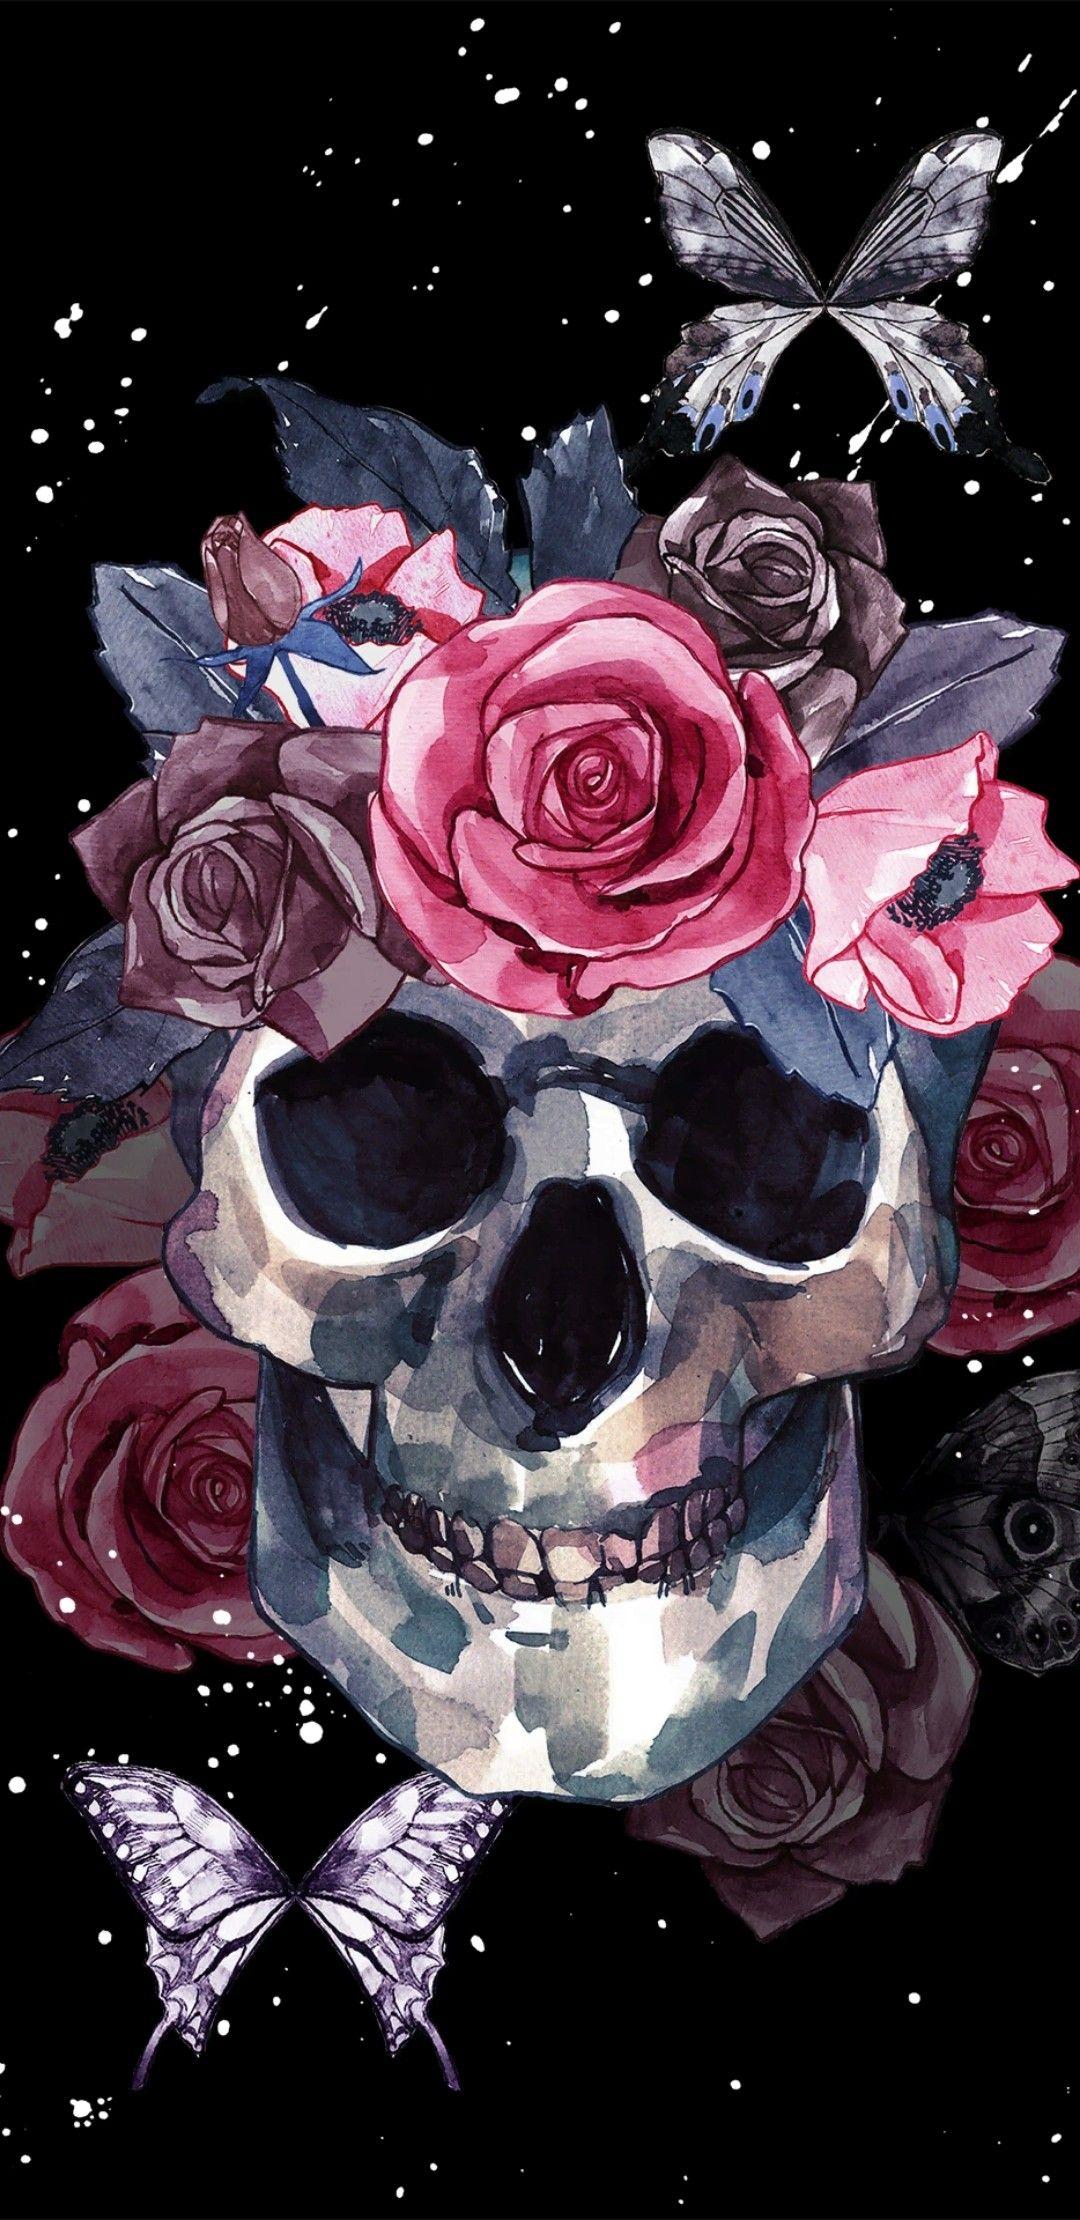 wallpaper image by Daisy Skull wallpaper iphone, Skull